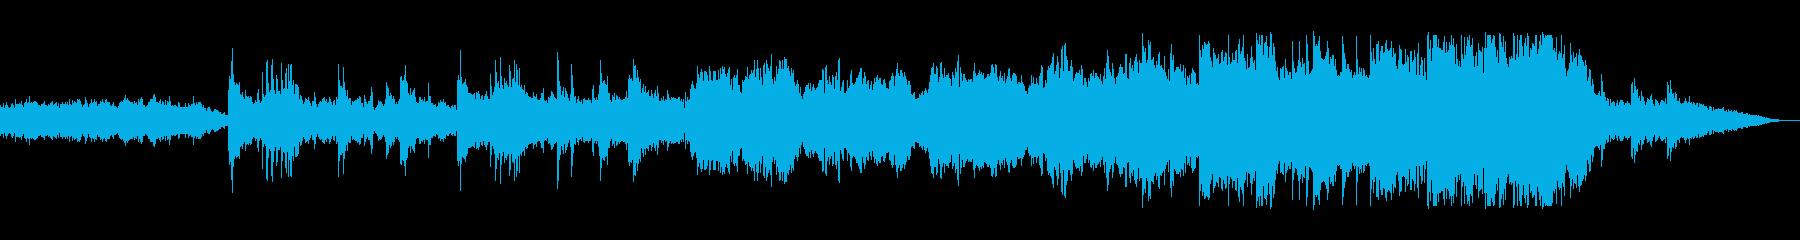 ハープとピアノと笛の高音の魅力がいい曲の再生済みの波形